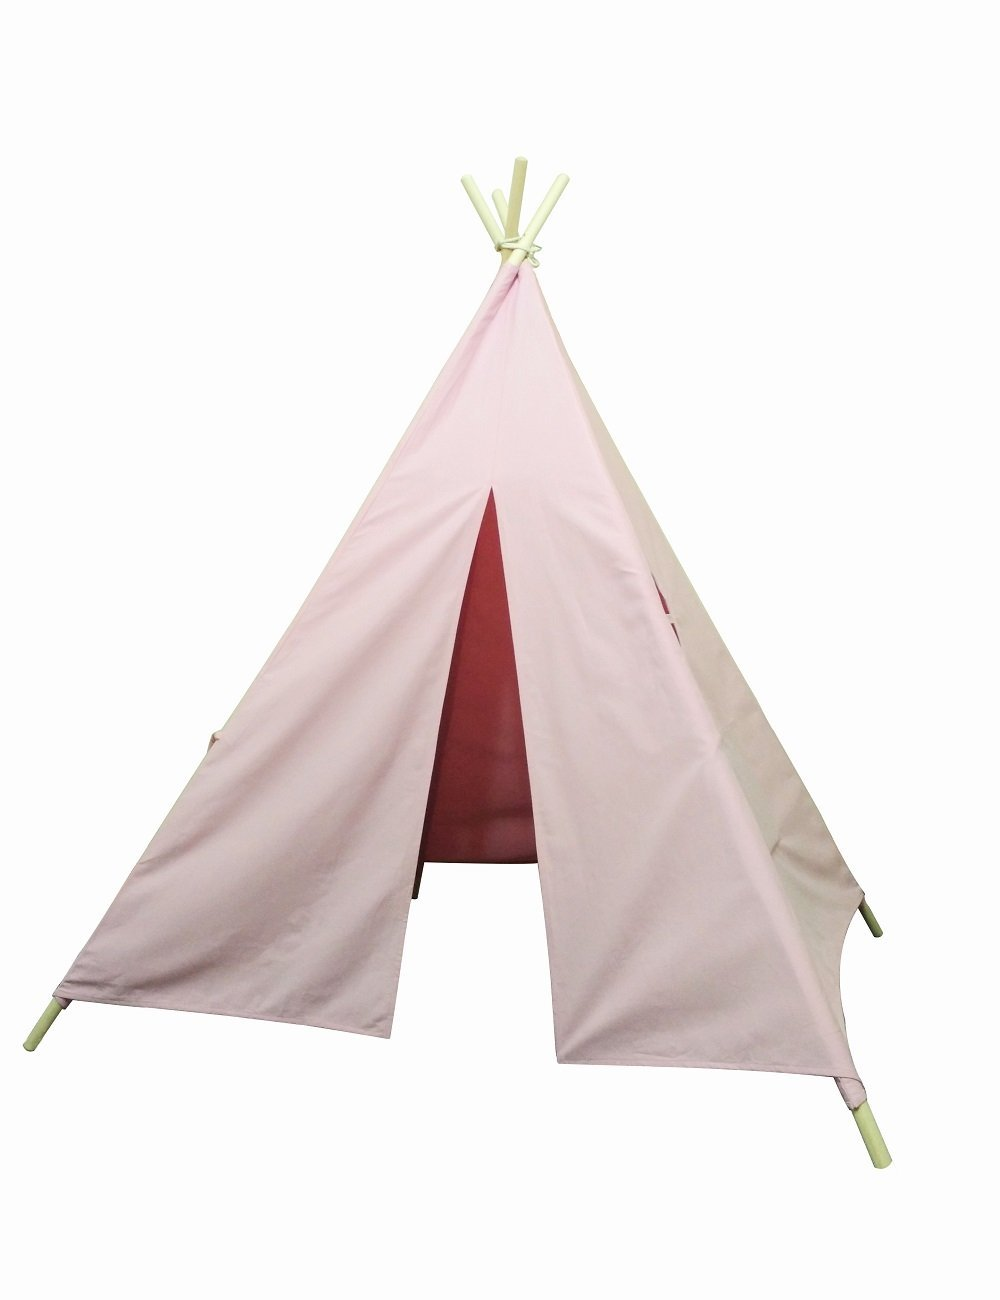 Indianertipi Baumwolle Kinder Teepee Zelt mit Fenster und 2 Verstautasche (Pink)